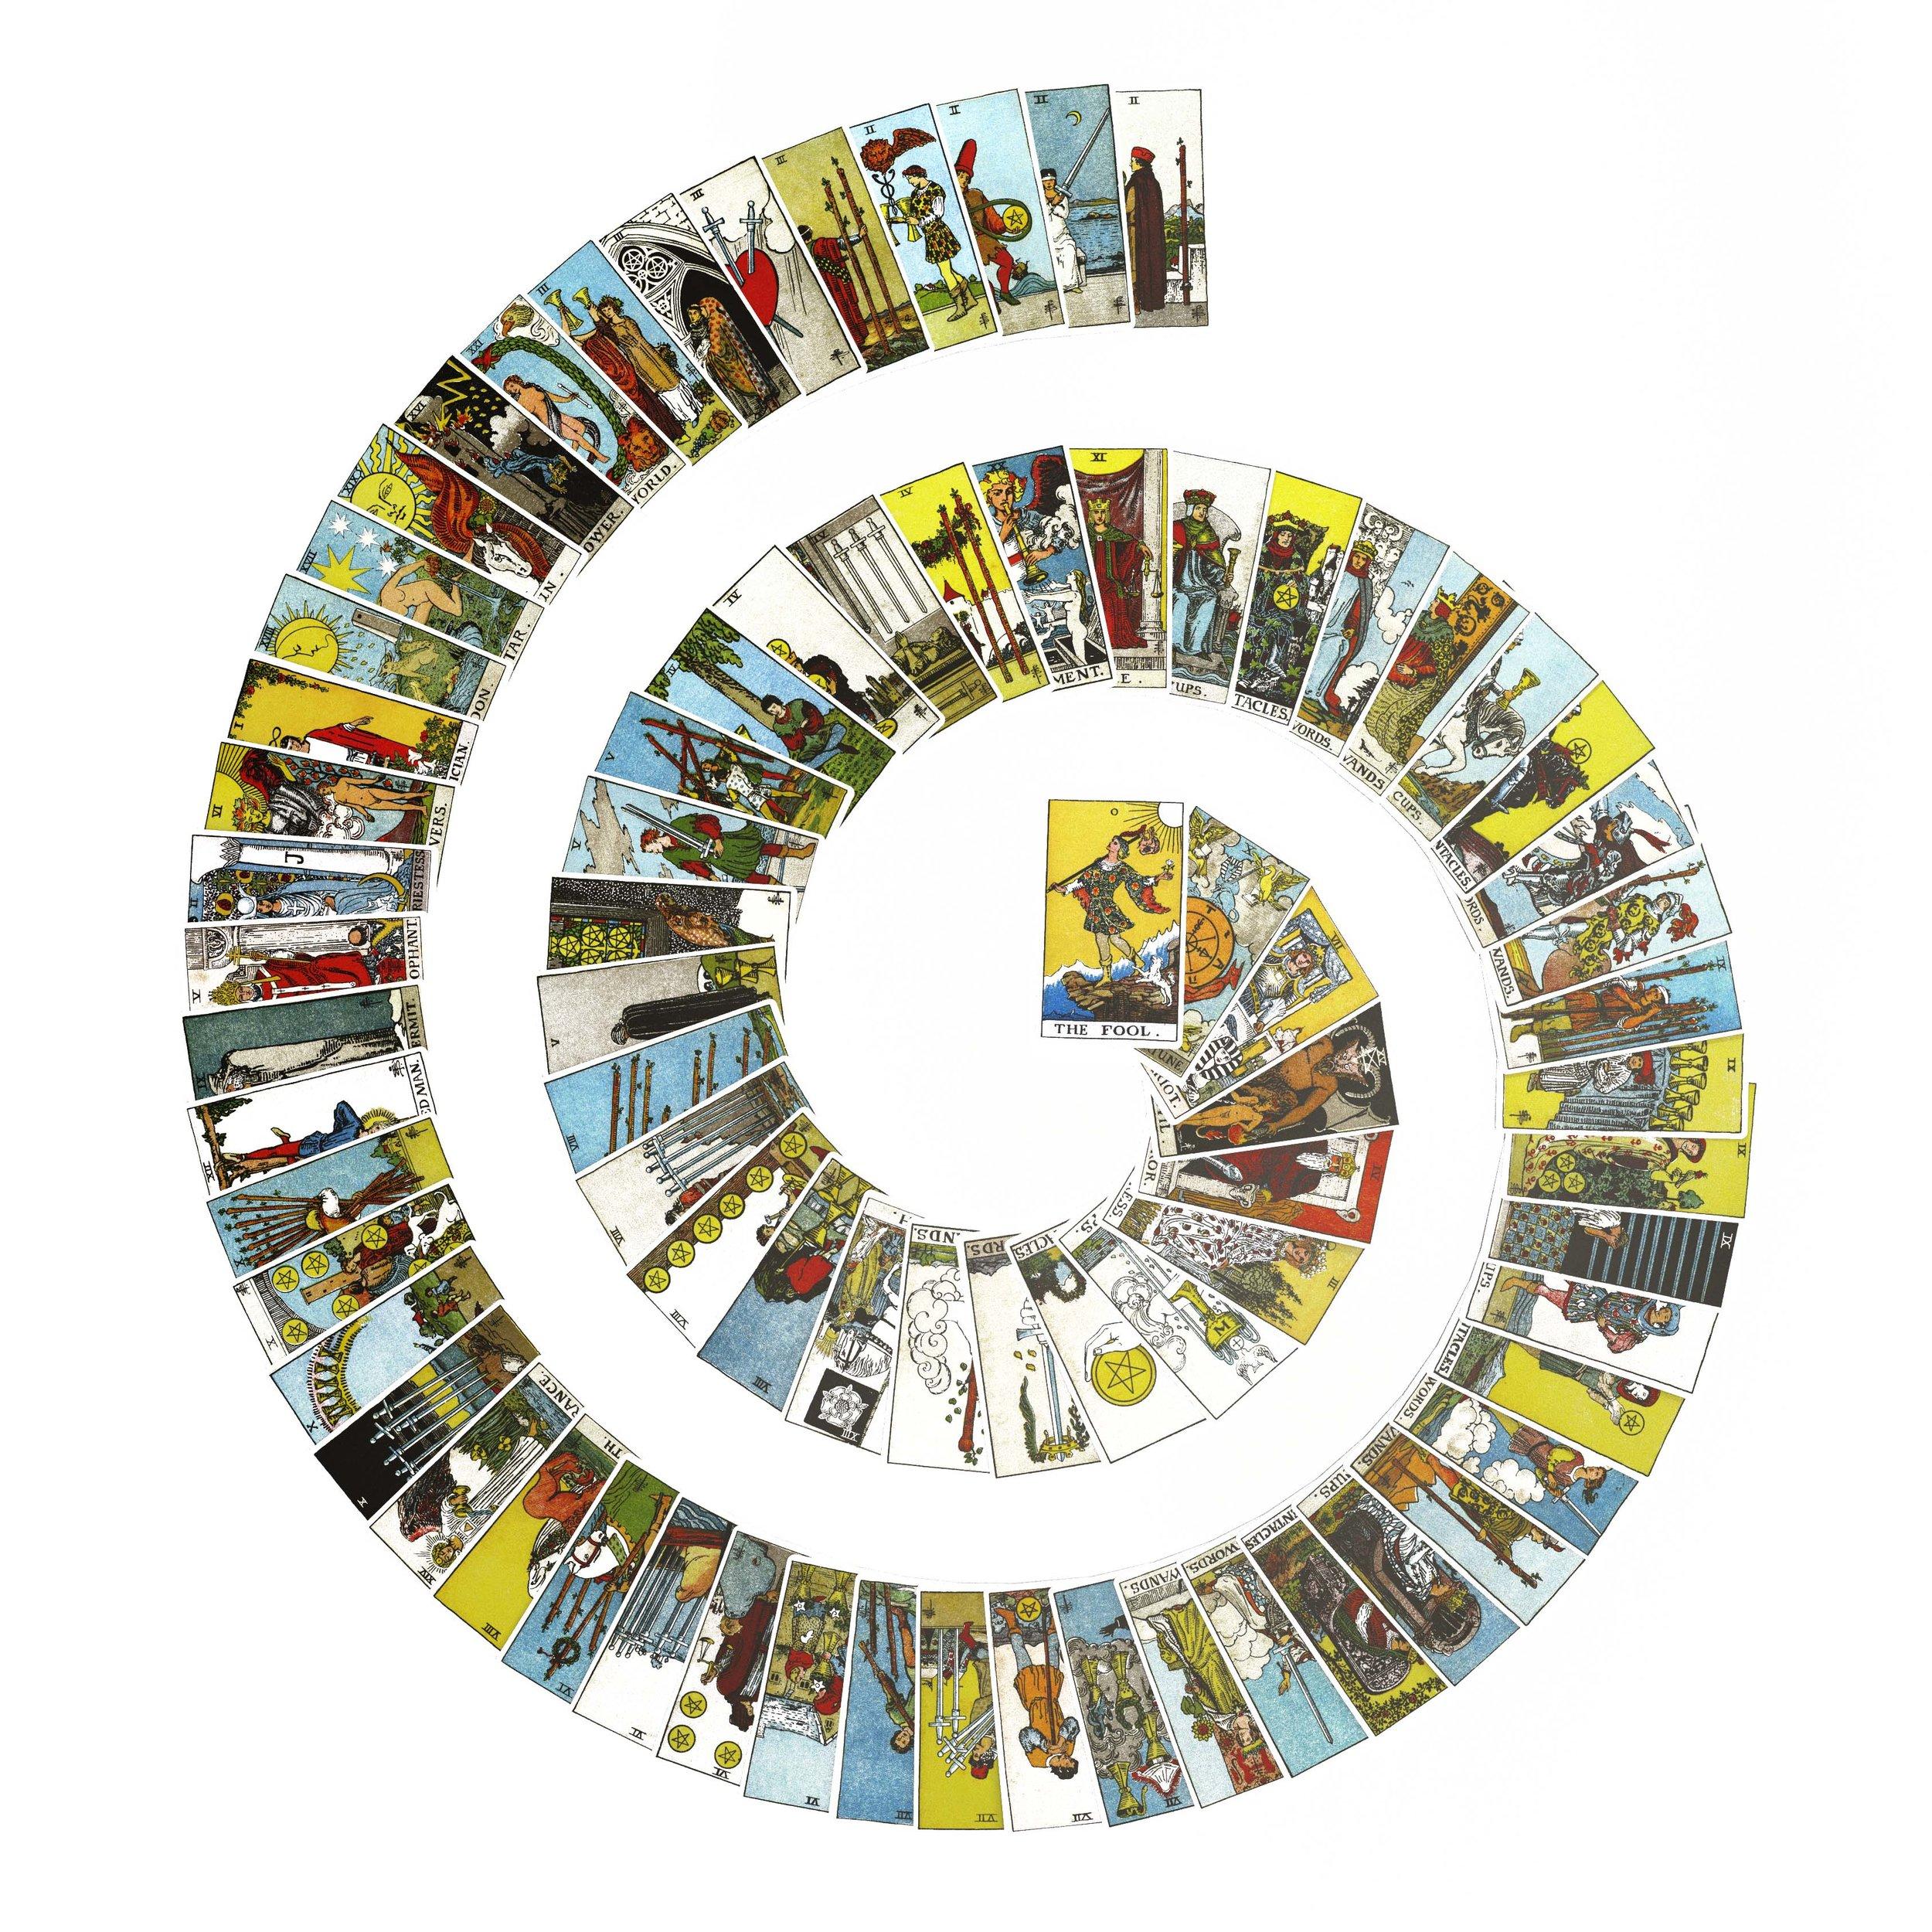 Spiral00162252.jpg